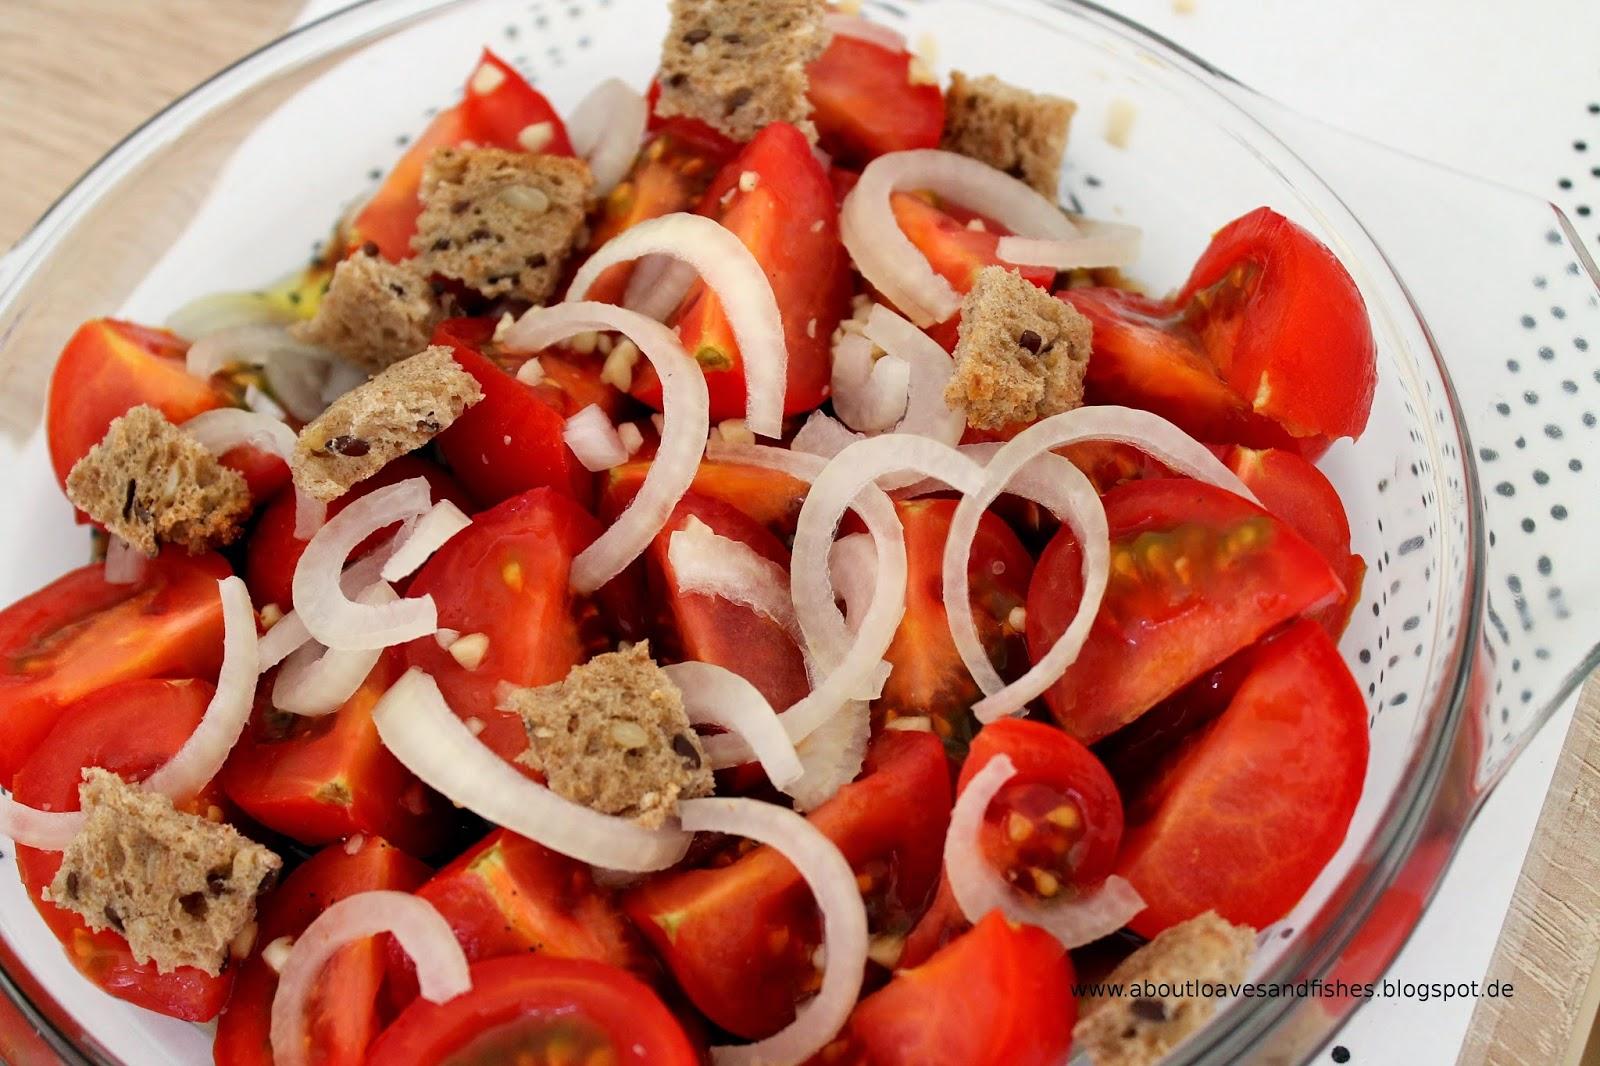 Tomatensalat mit Zwiebeln, Brot und Mandeln